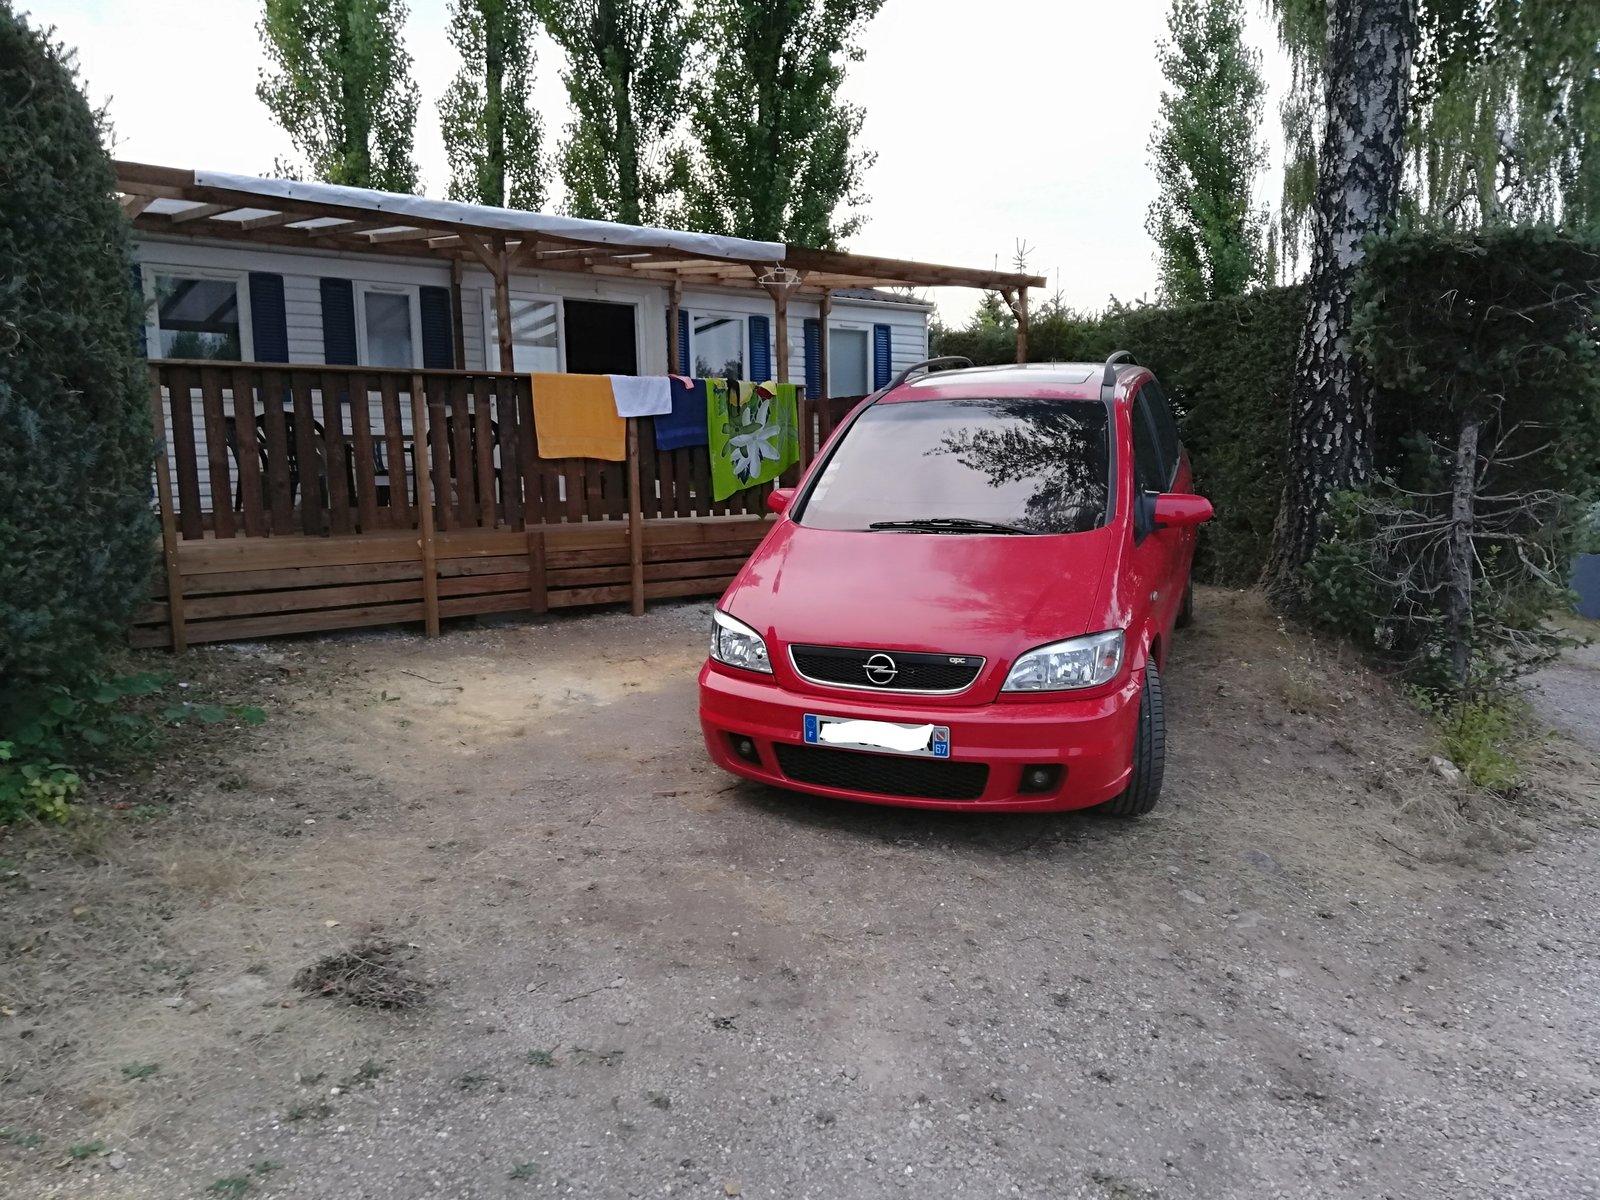 Zafira A OPC rouge 2003 {Opel67} - Page 3 200814121846635162